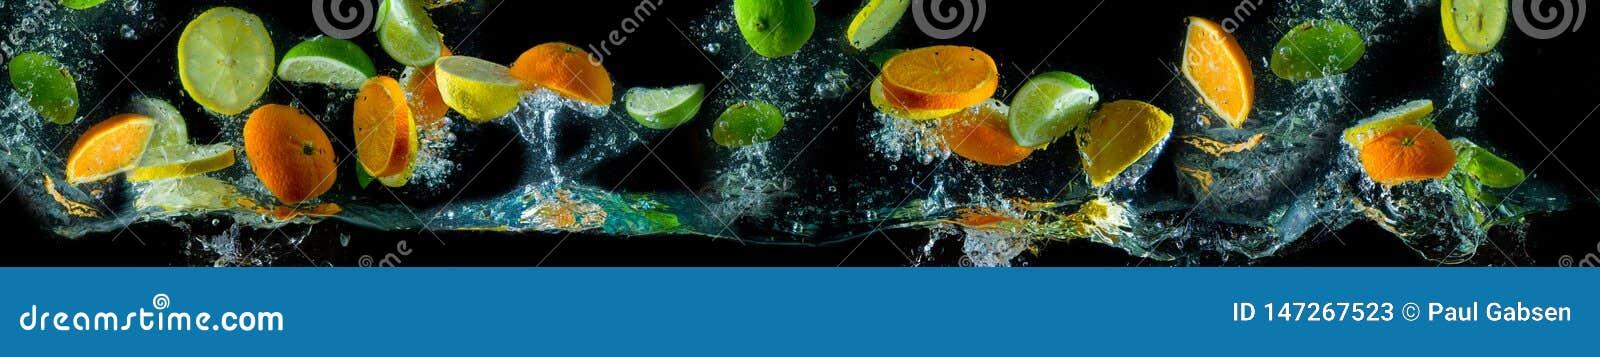 Φρούτα κατά την πτήση, που καταβρέχουν το νερό Φρούτα στο νερό